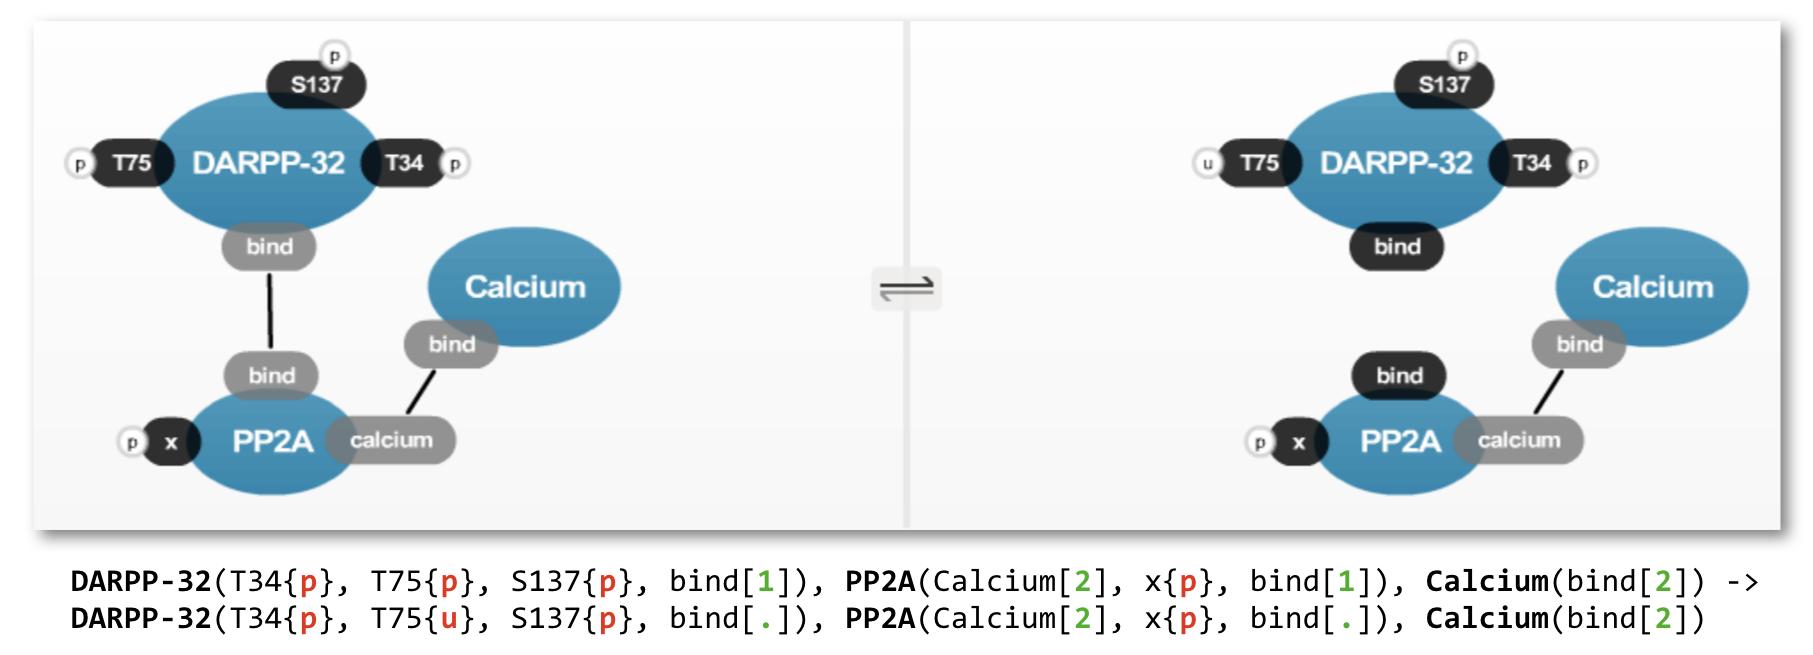 kappa_rule_example.001.png